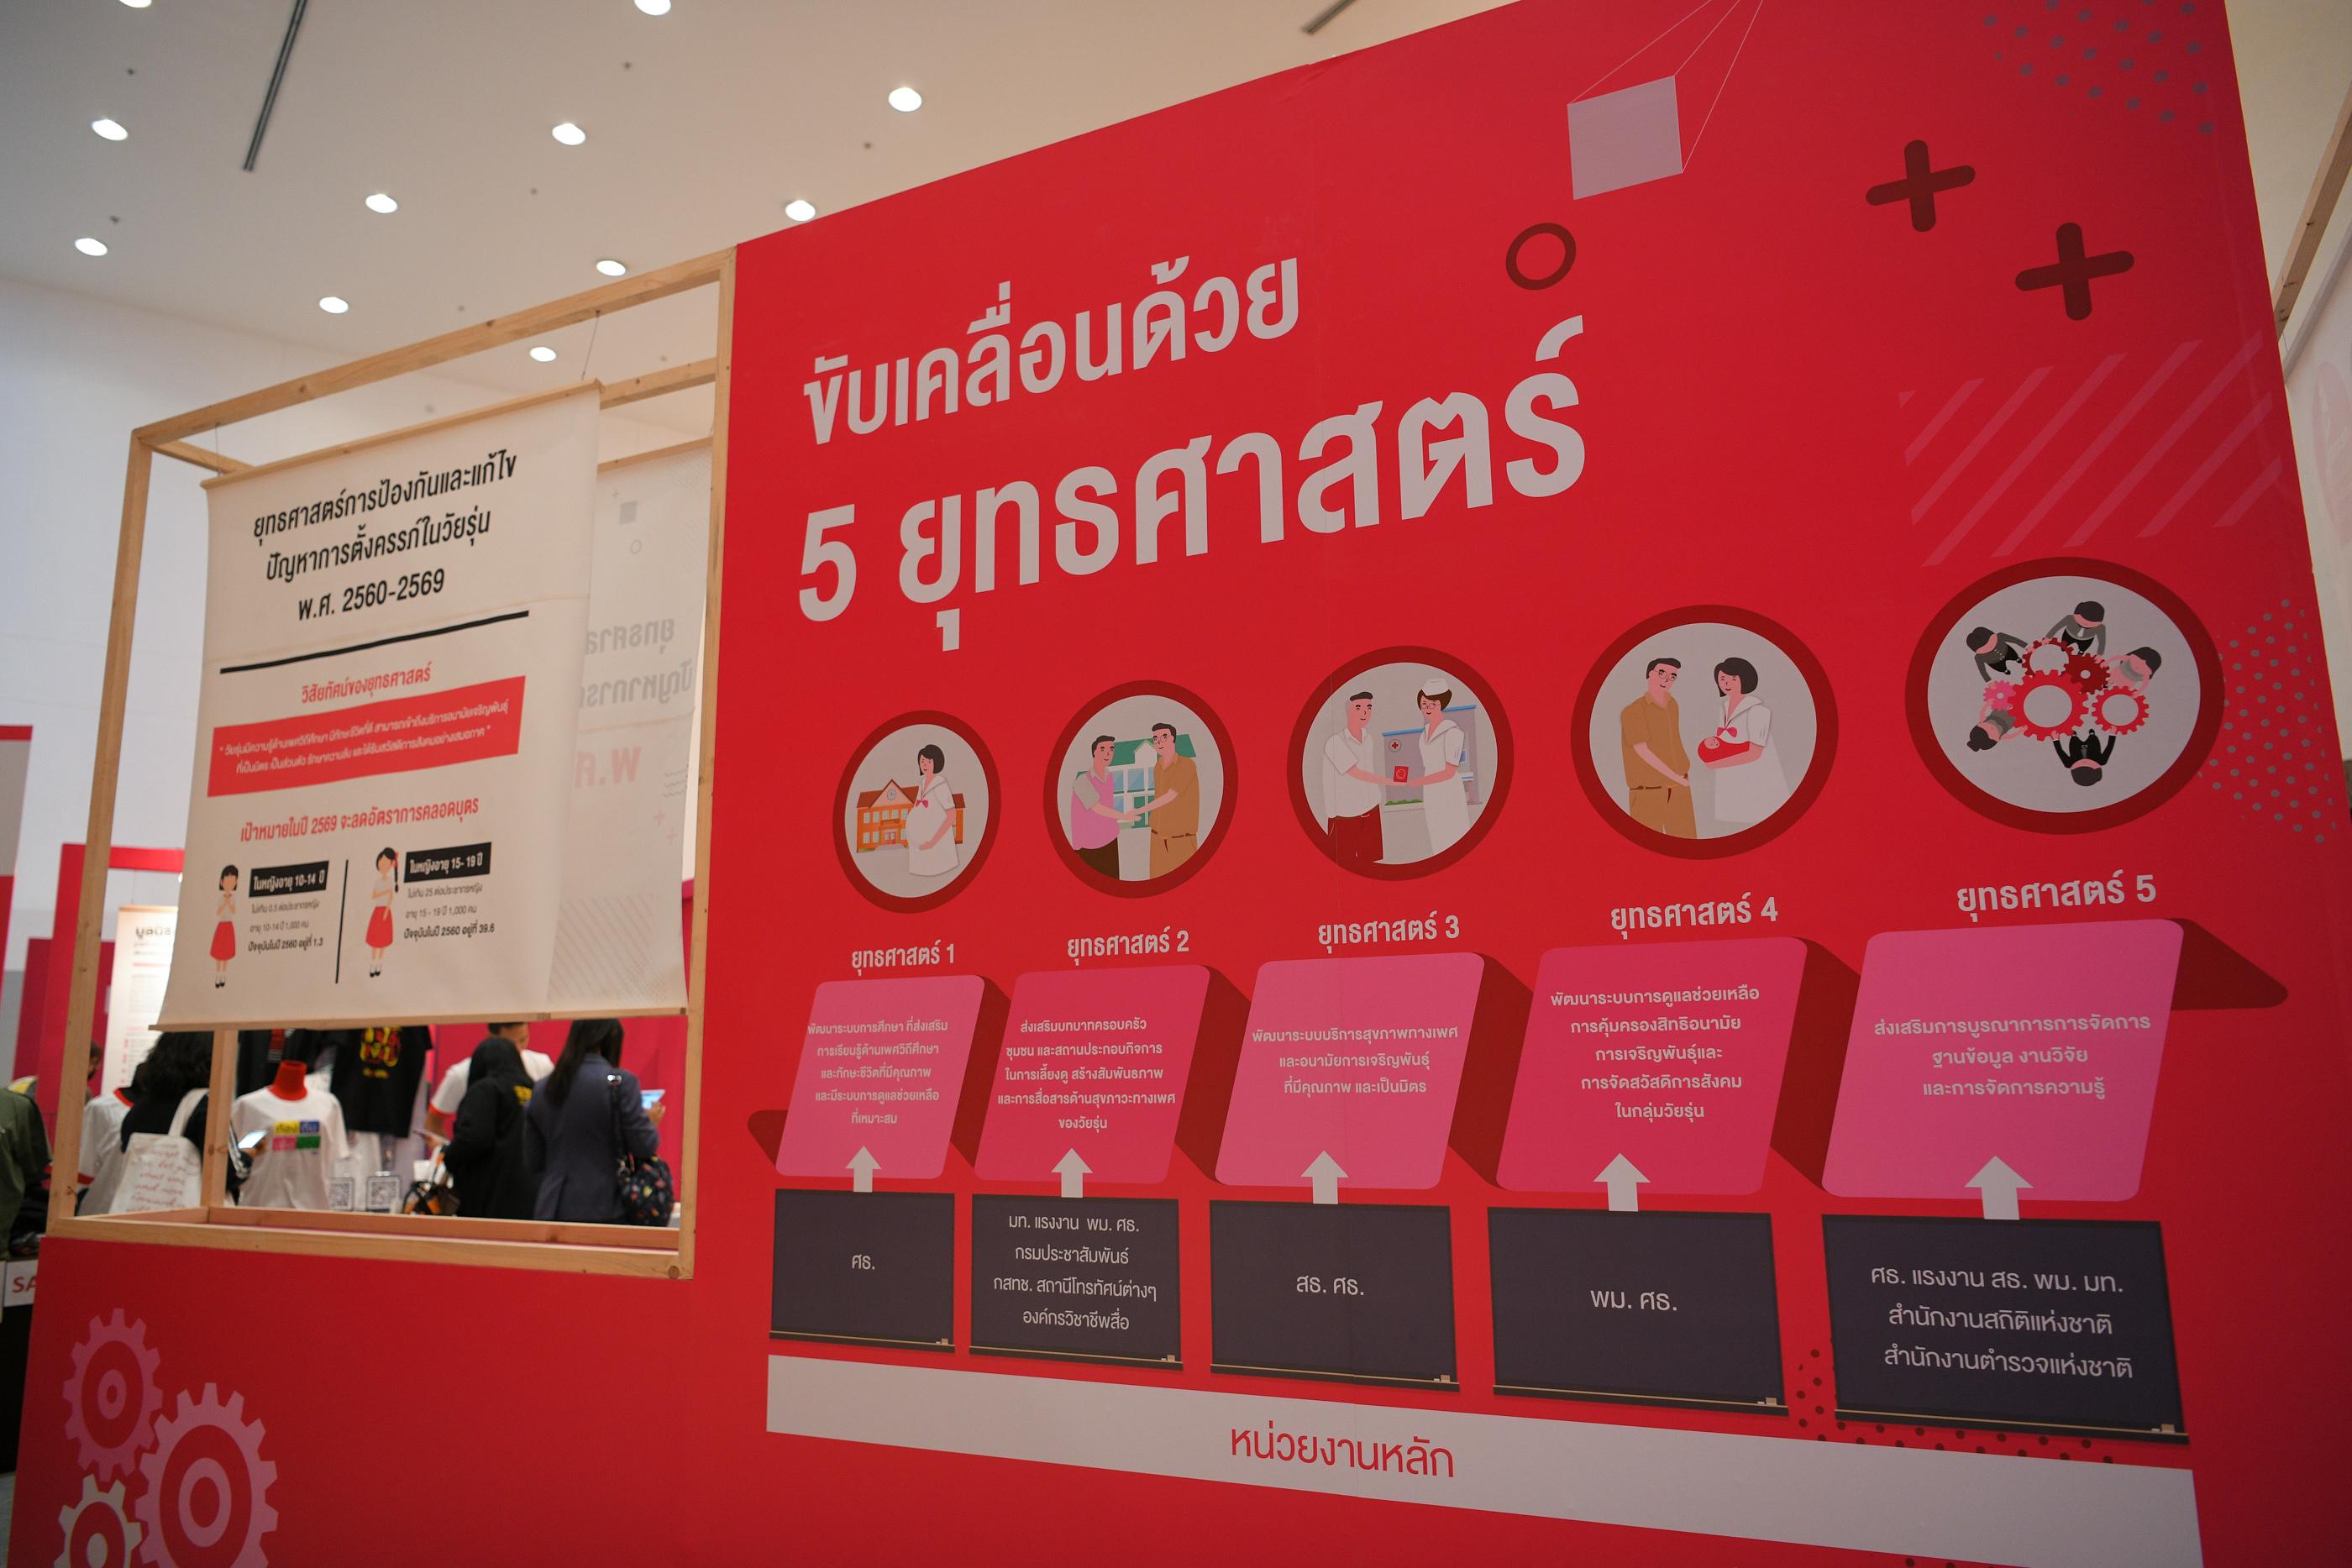 สื่อสารเชิงบวก ช่วยสร้างครอบครัวอบอุ่น thaihealth